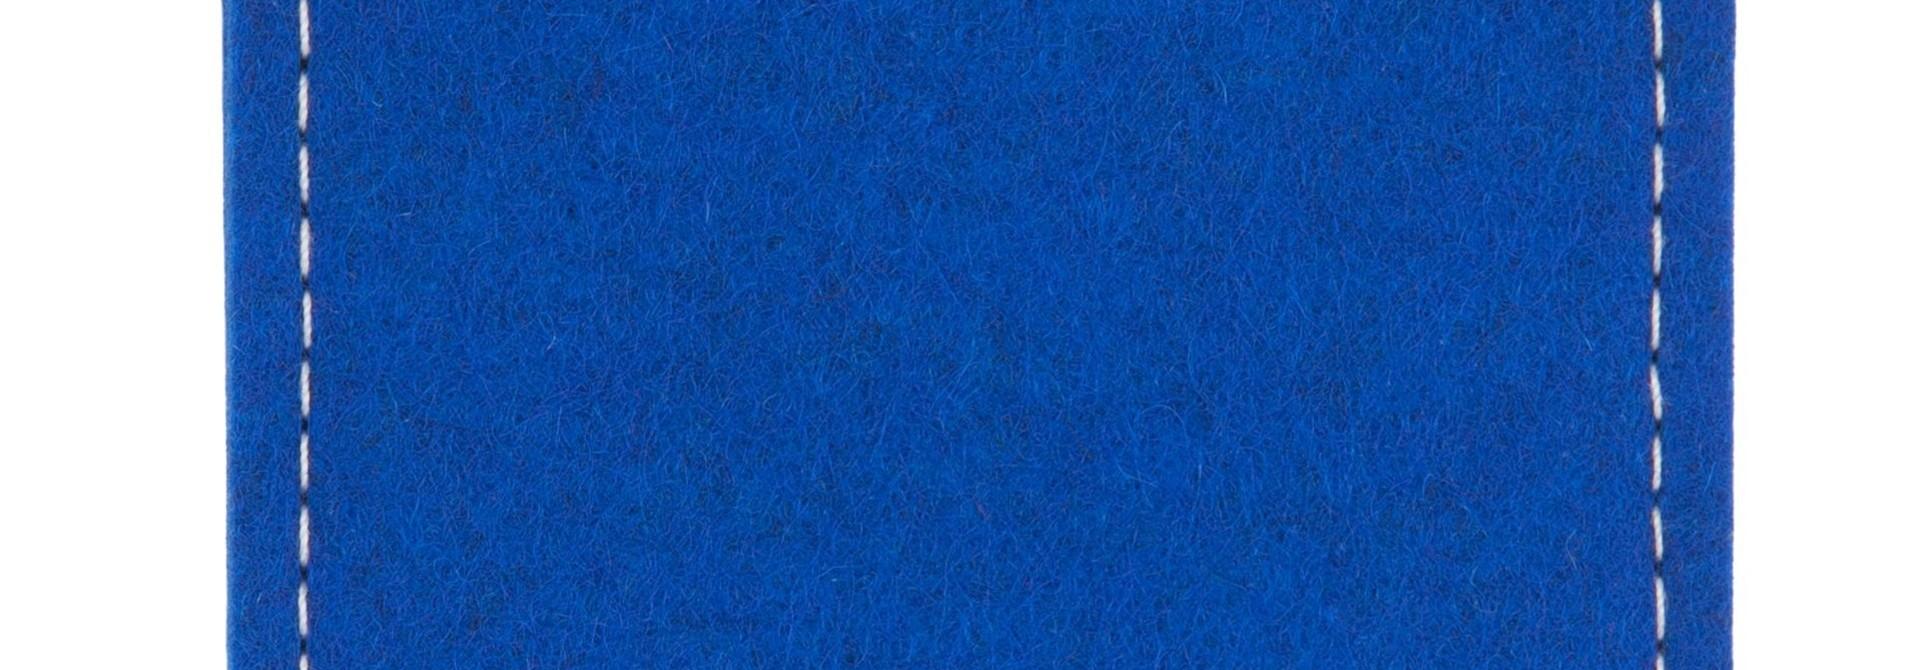 Xperia Sleeve Azure